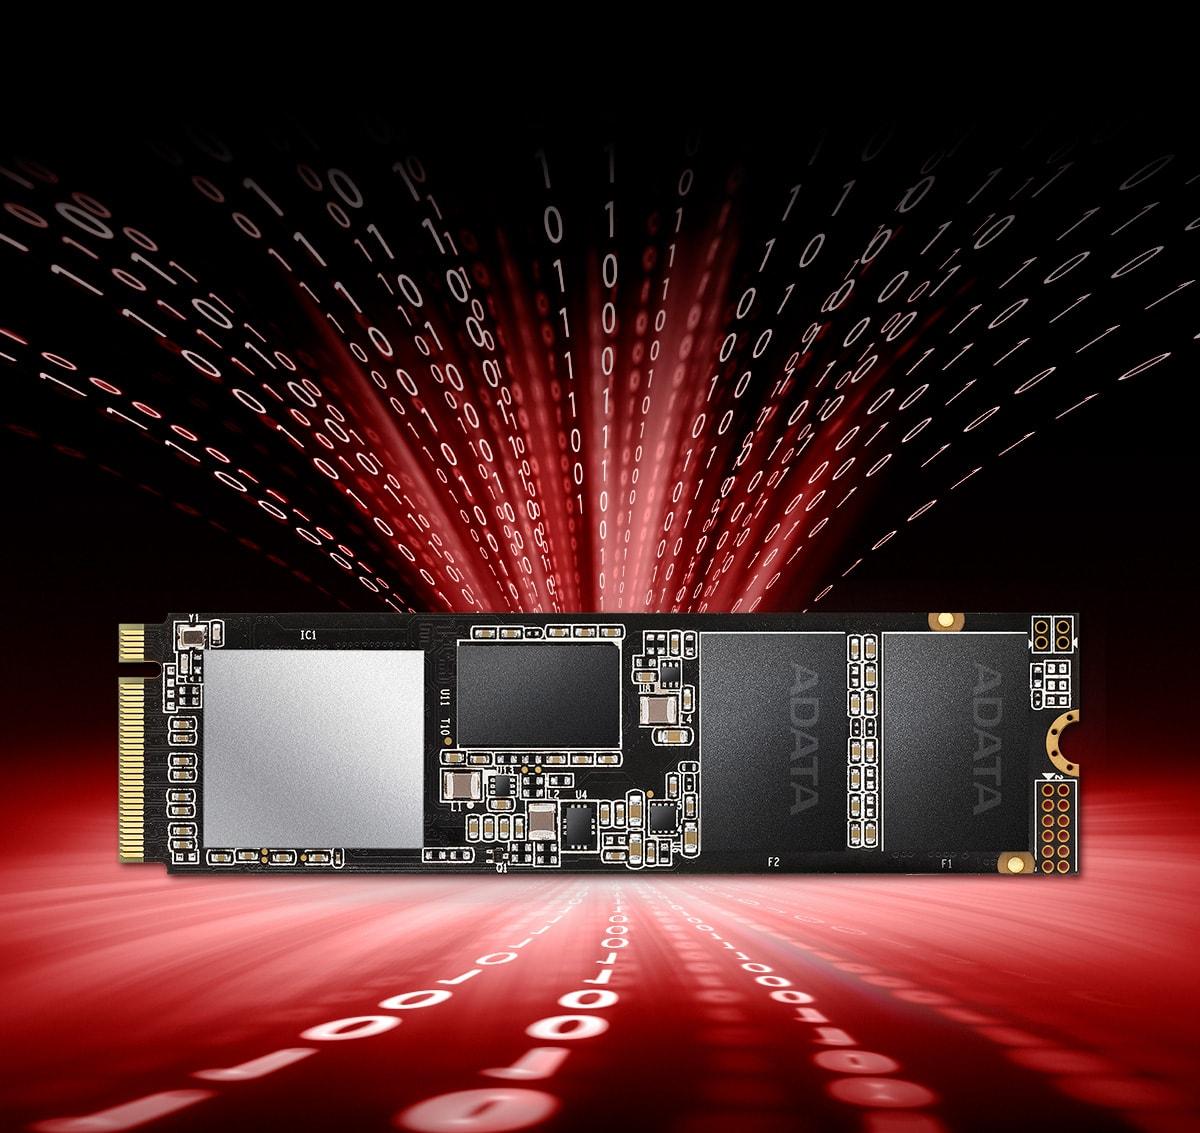 قیمت خرید قیمت اس اس دی اینترنال مدل SX8200 Pro ظرفیت 1 ترابایت